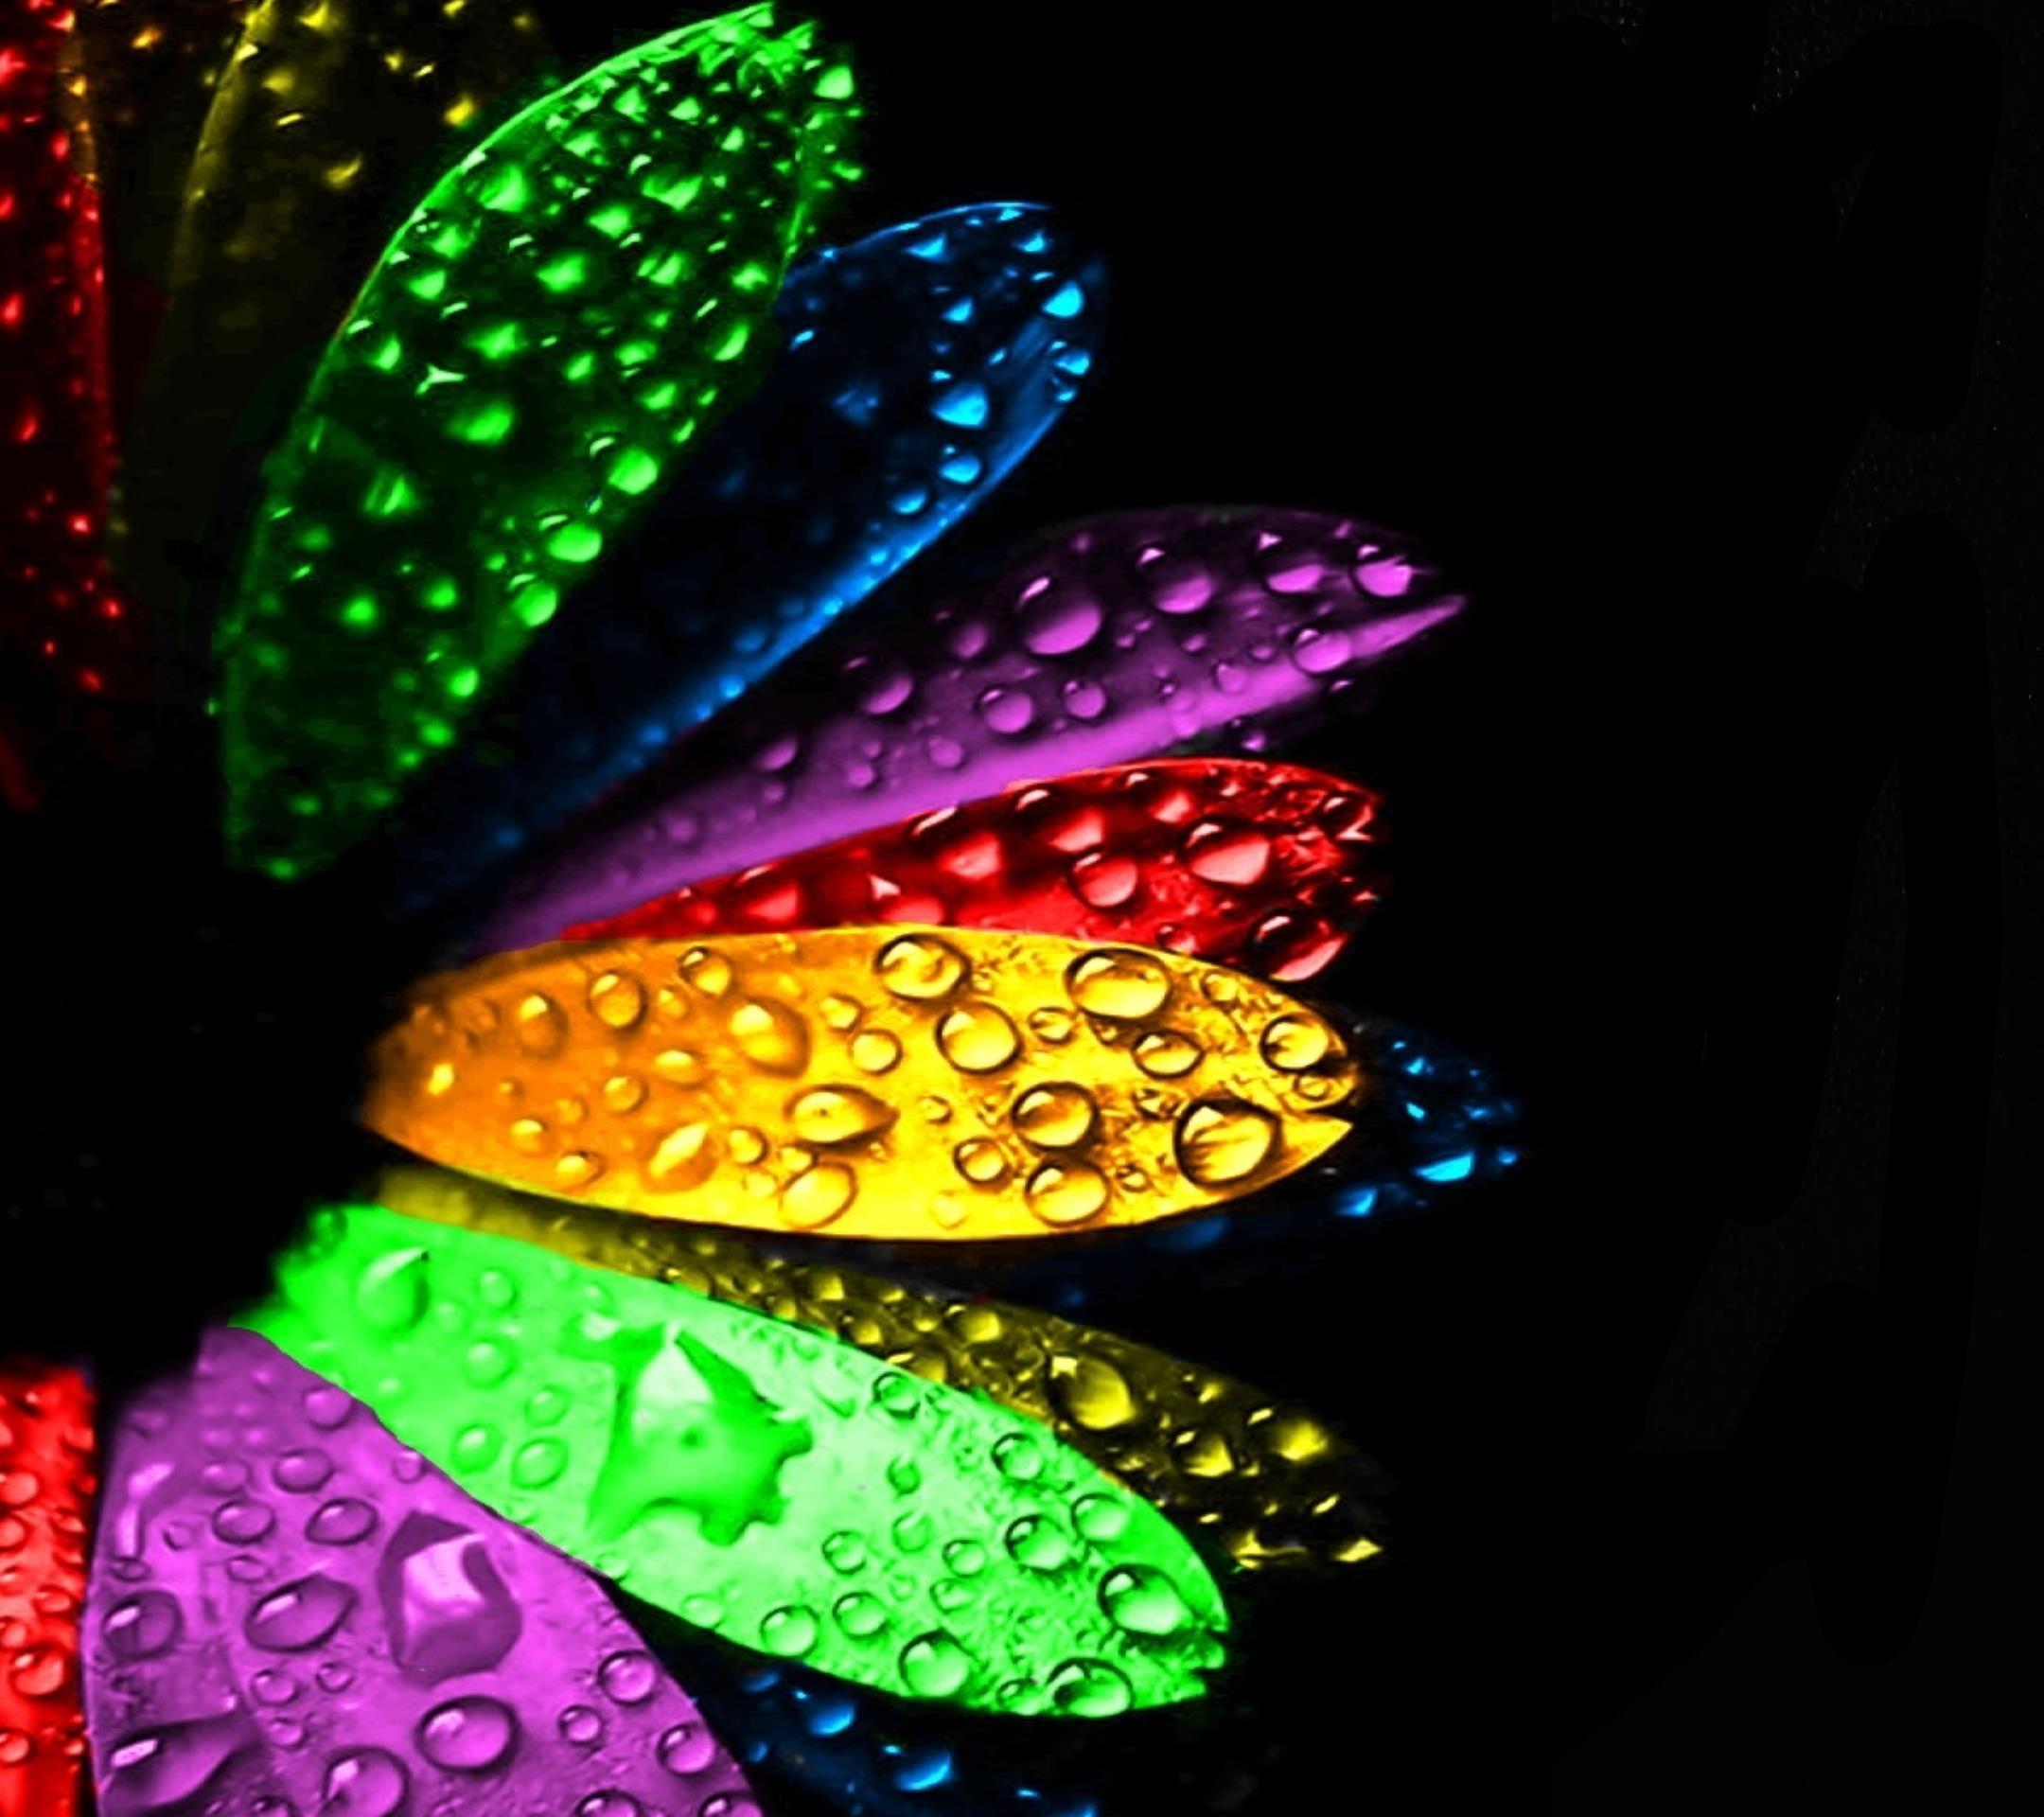 Hình nền bông hoa nhiều màu đọng những giọt mưa